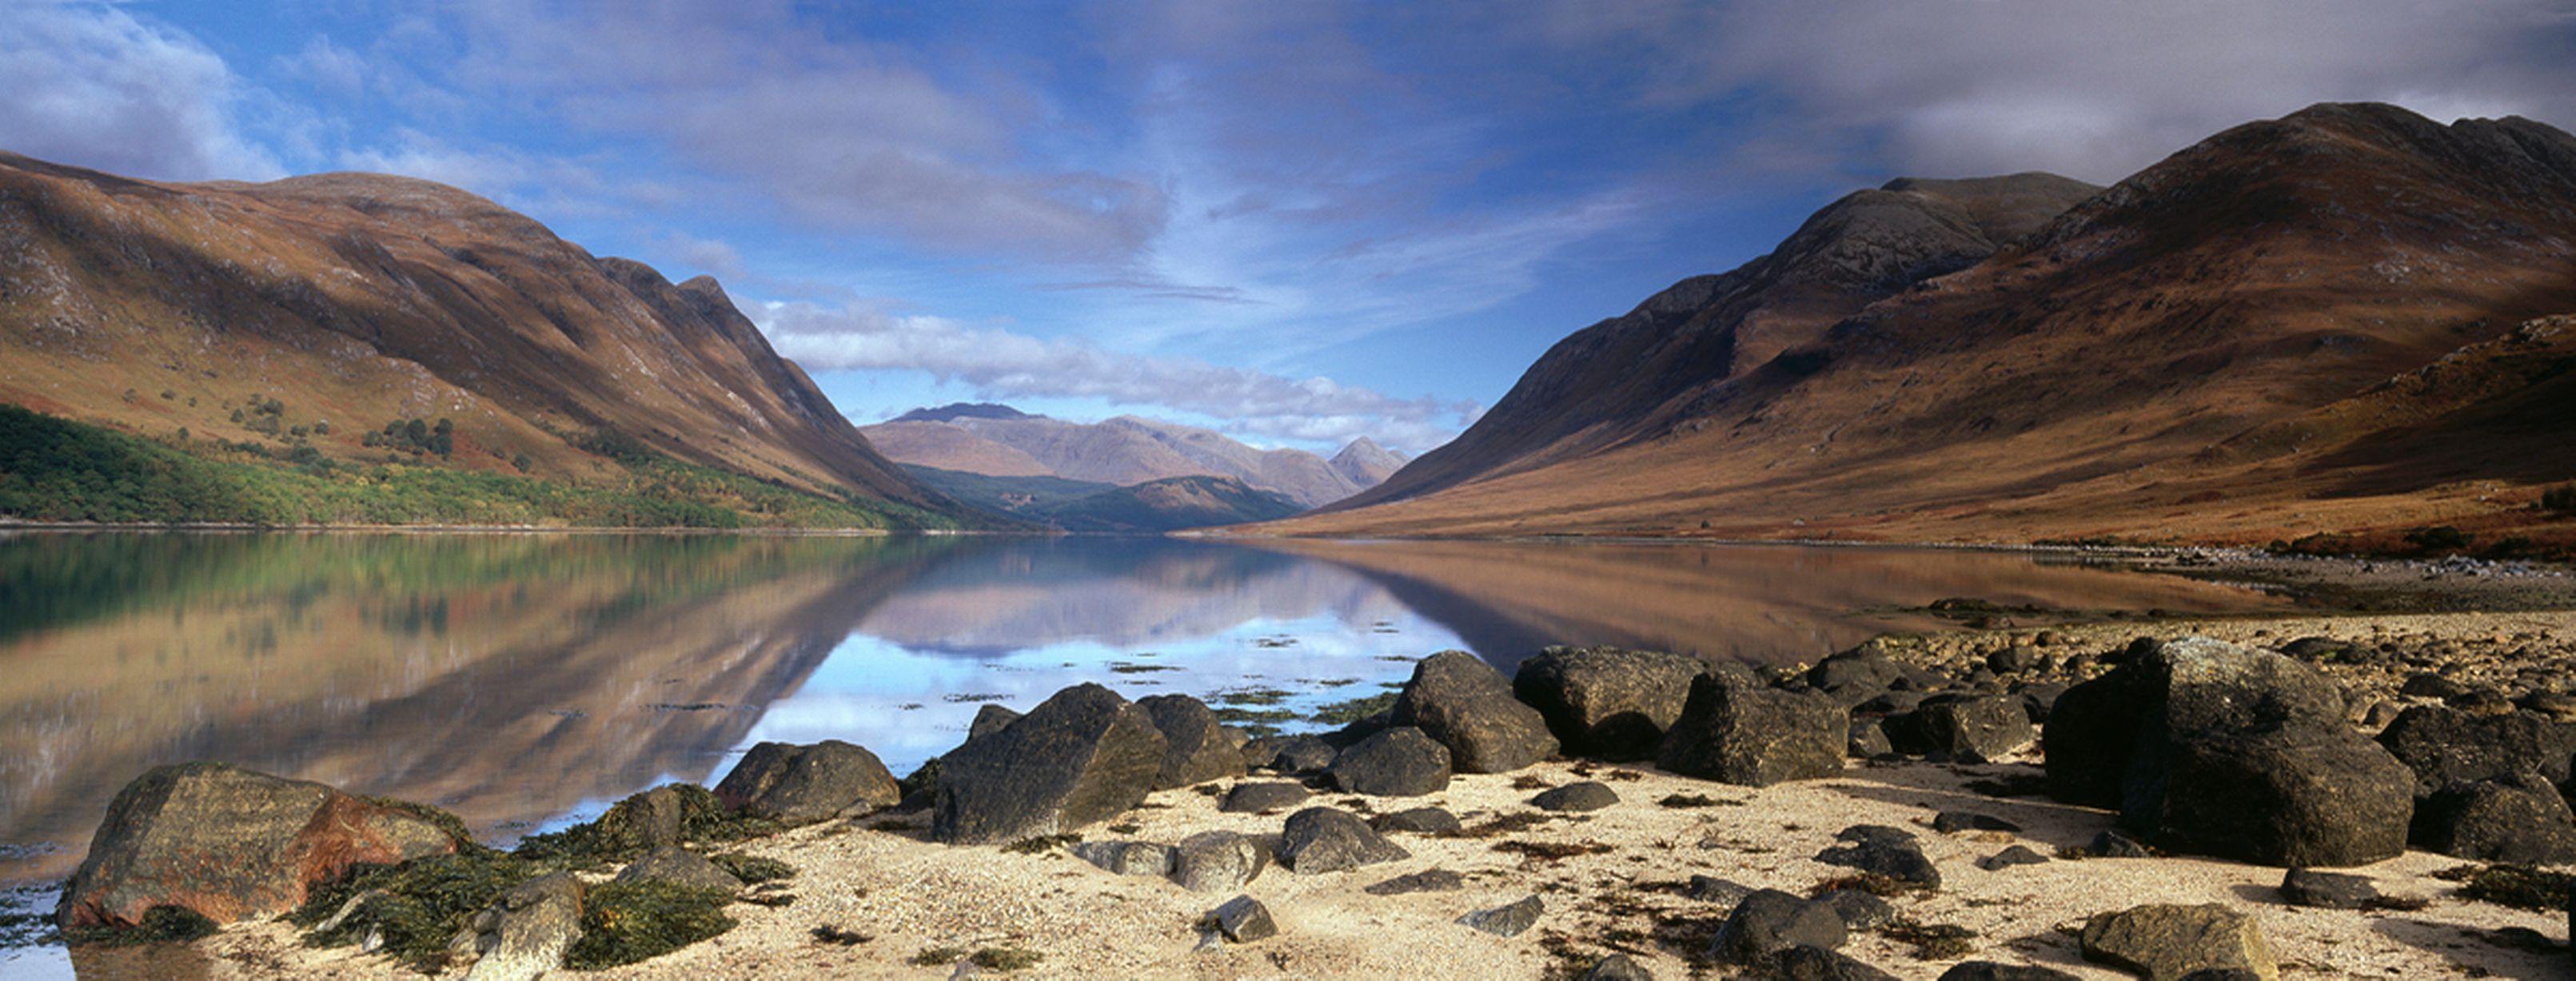 Loch Etive by Craig Aitchison · 1000px+